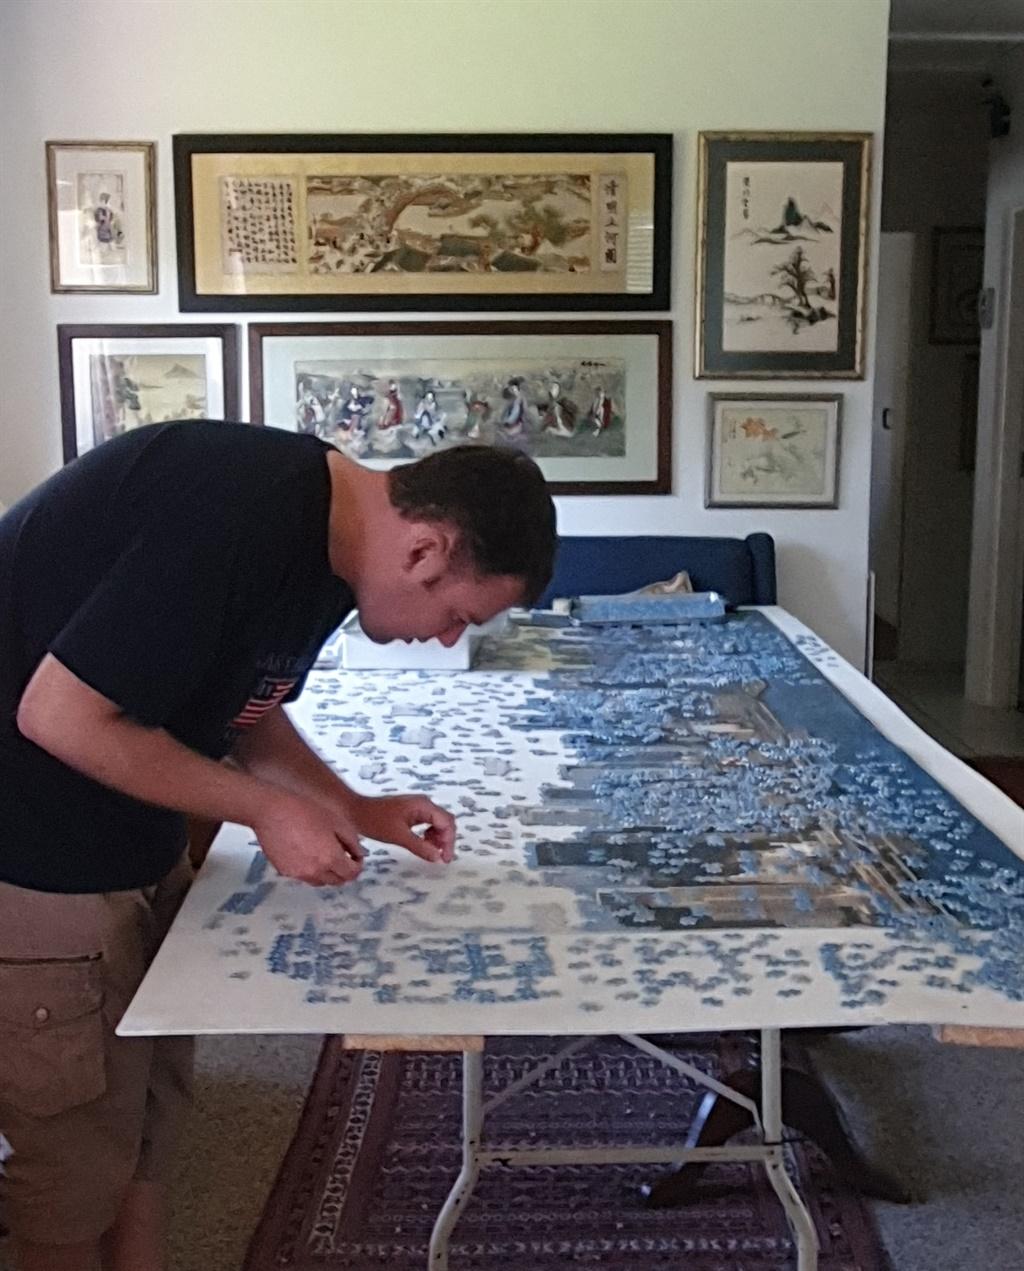 Stefan Oosthuizen probeer uitpluis waar elke stukk